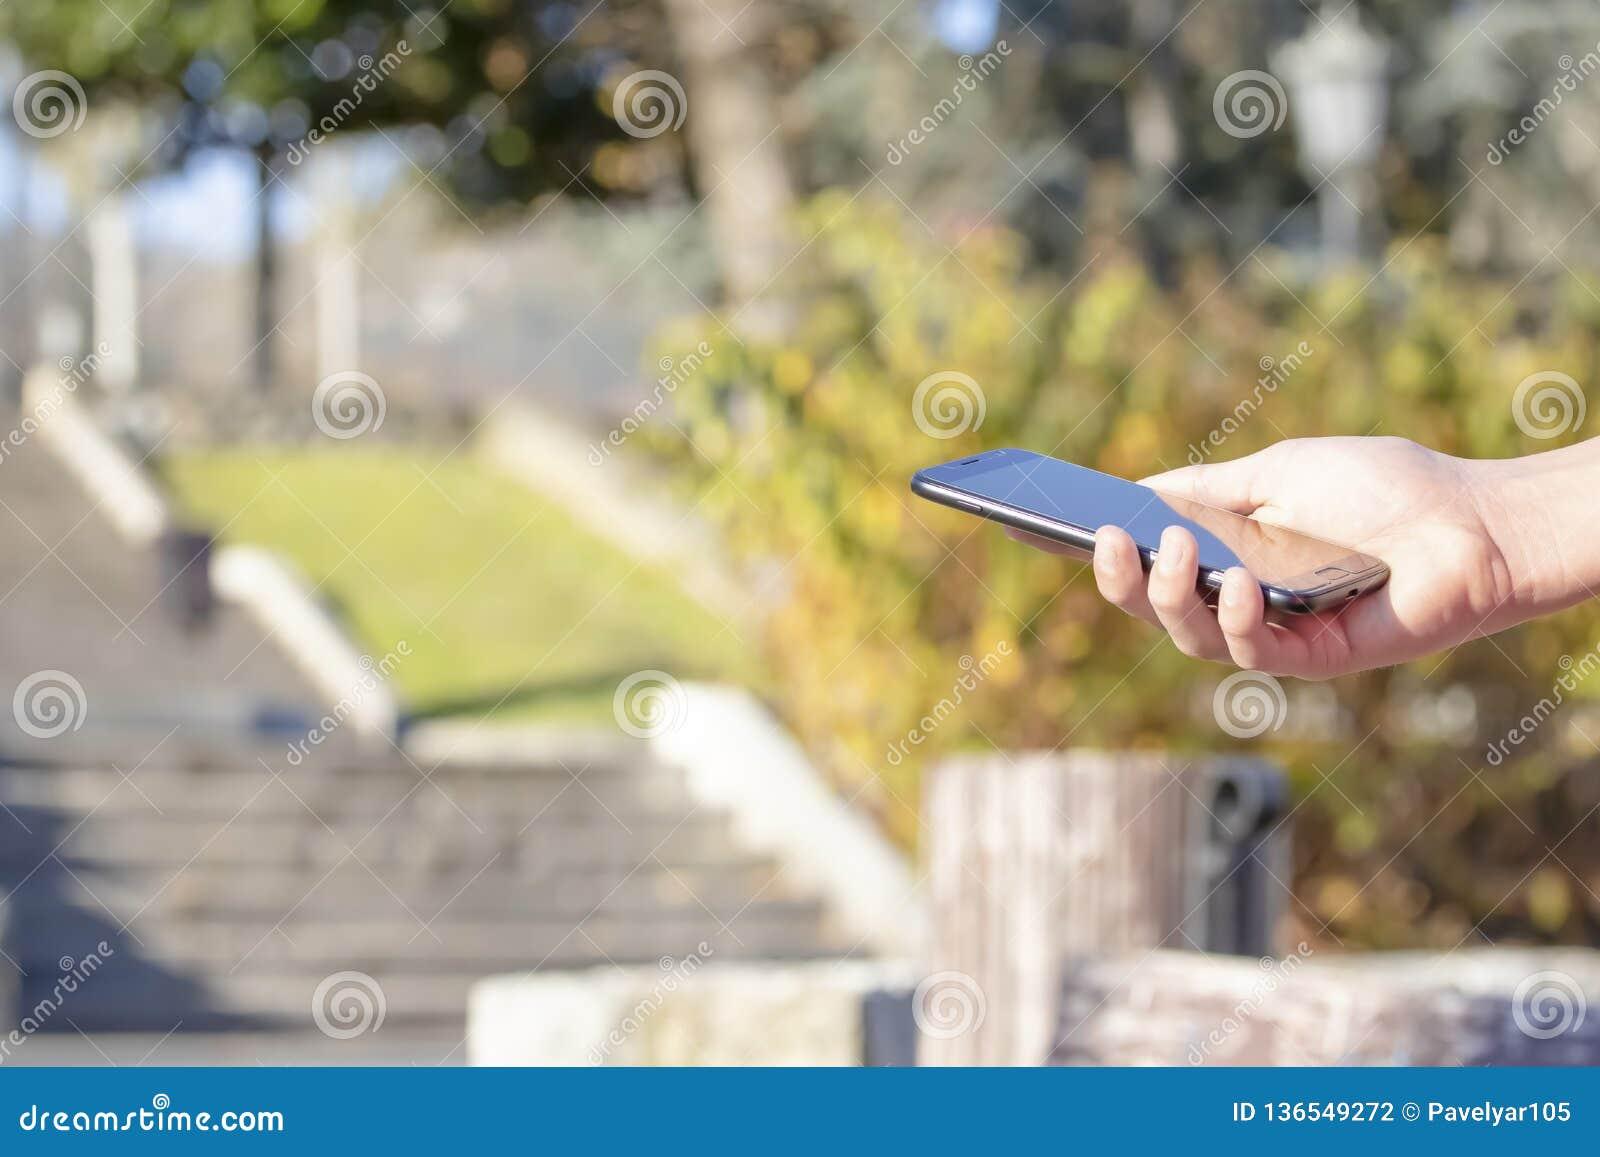 Zwarte smartphone ter beschikking in het park in openlucht, aangestoken door de zon